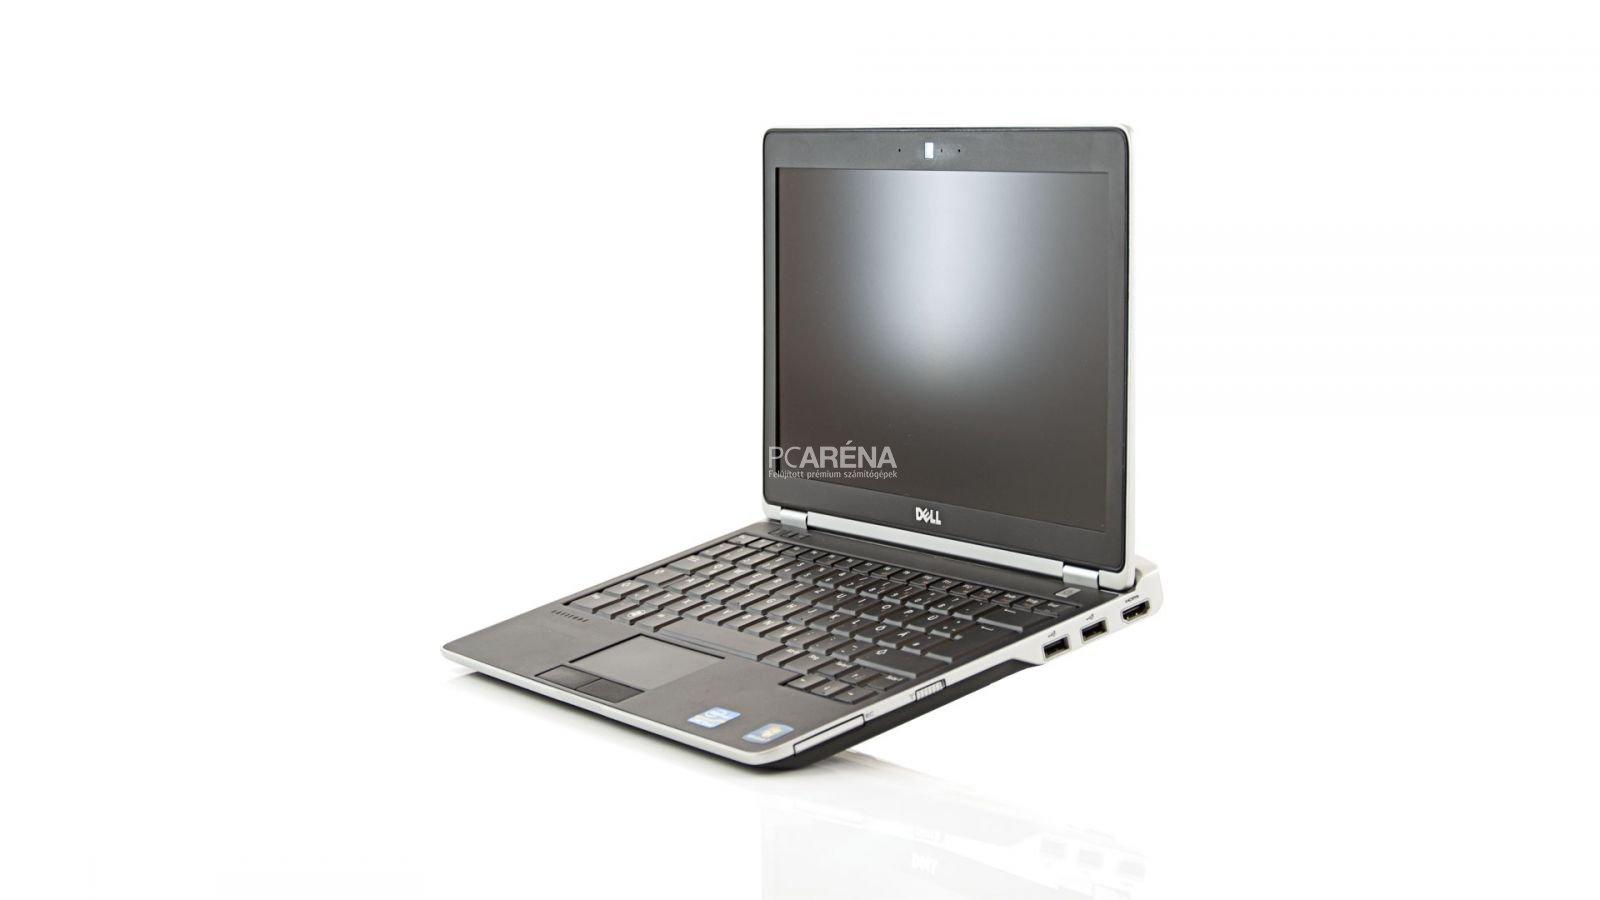 Dell Latitude E6220 HUN (szépséghibás) laptop